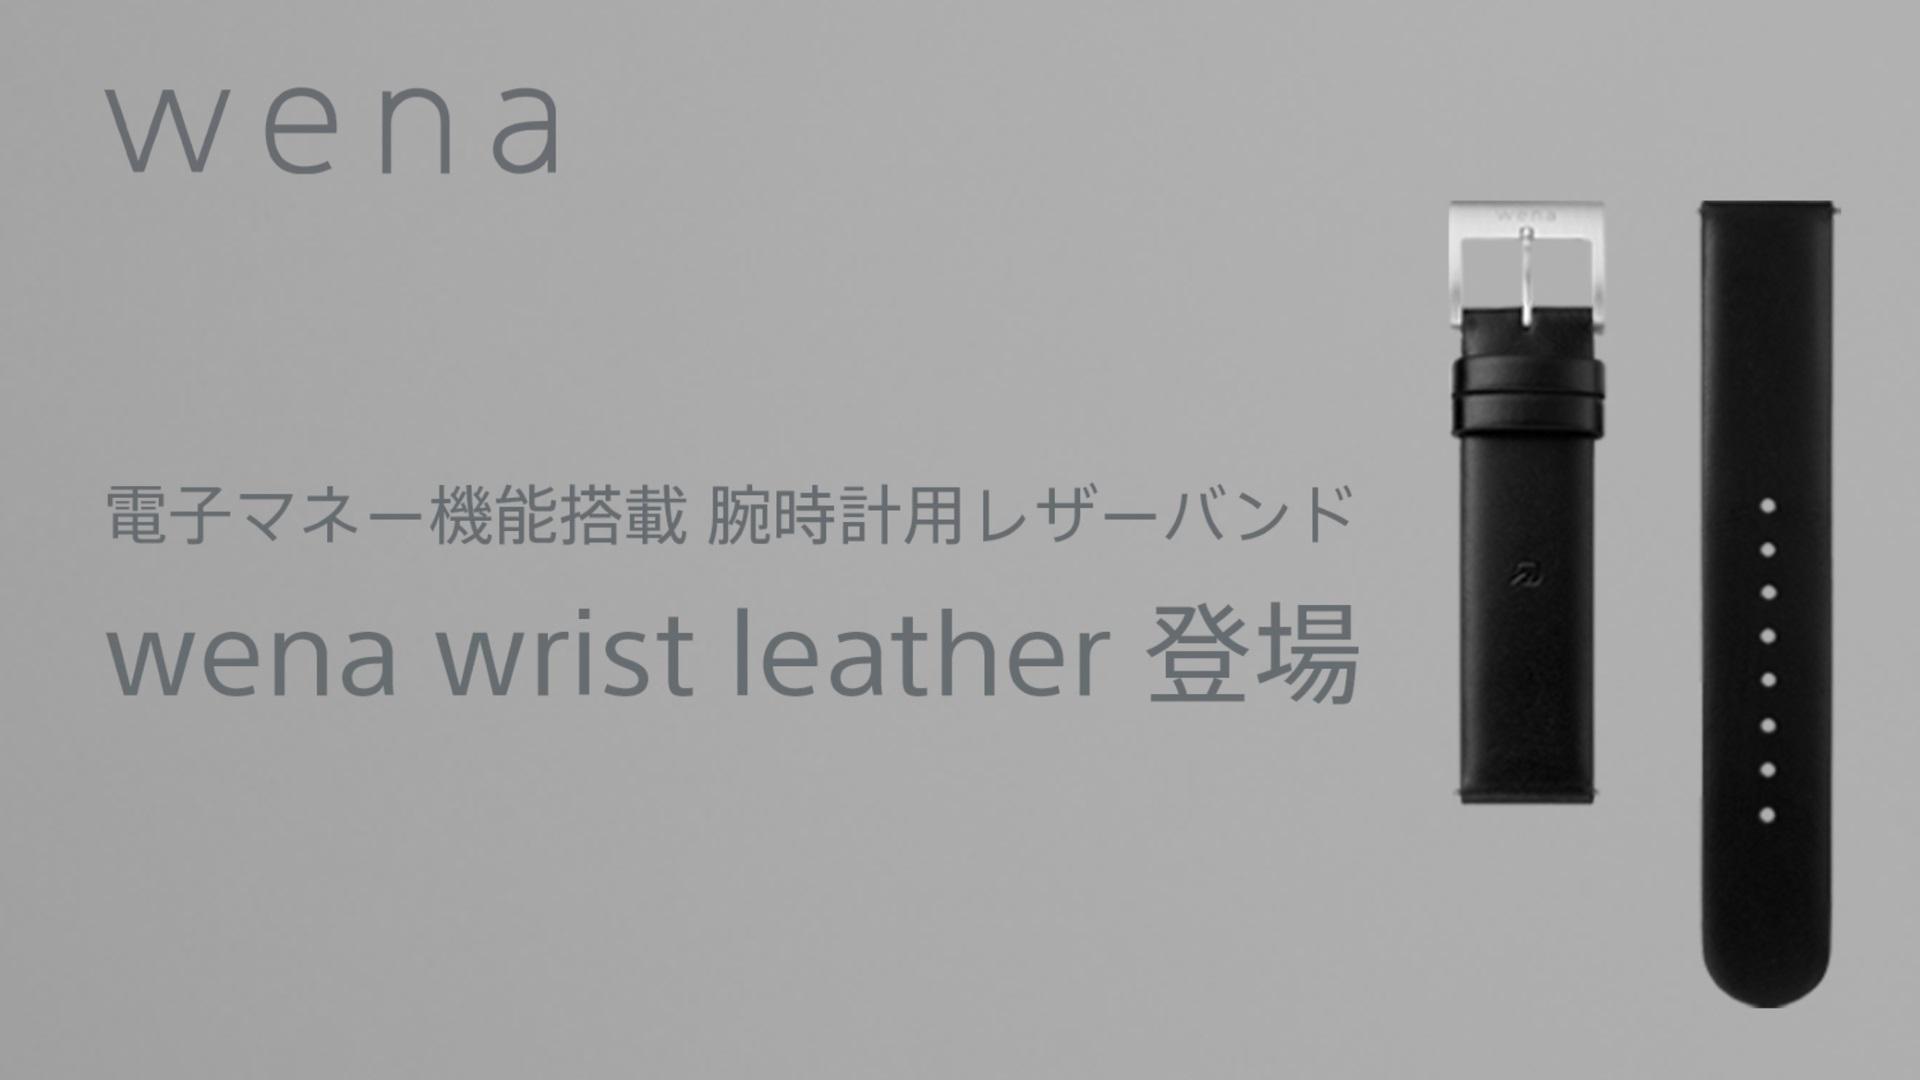 Sony「wena wrist」のバンド単品を発売、年末にはレザーバンドモデルも